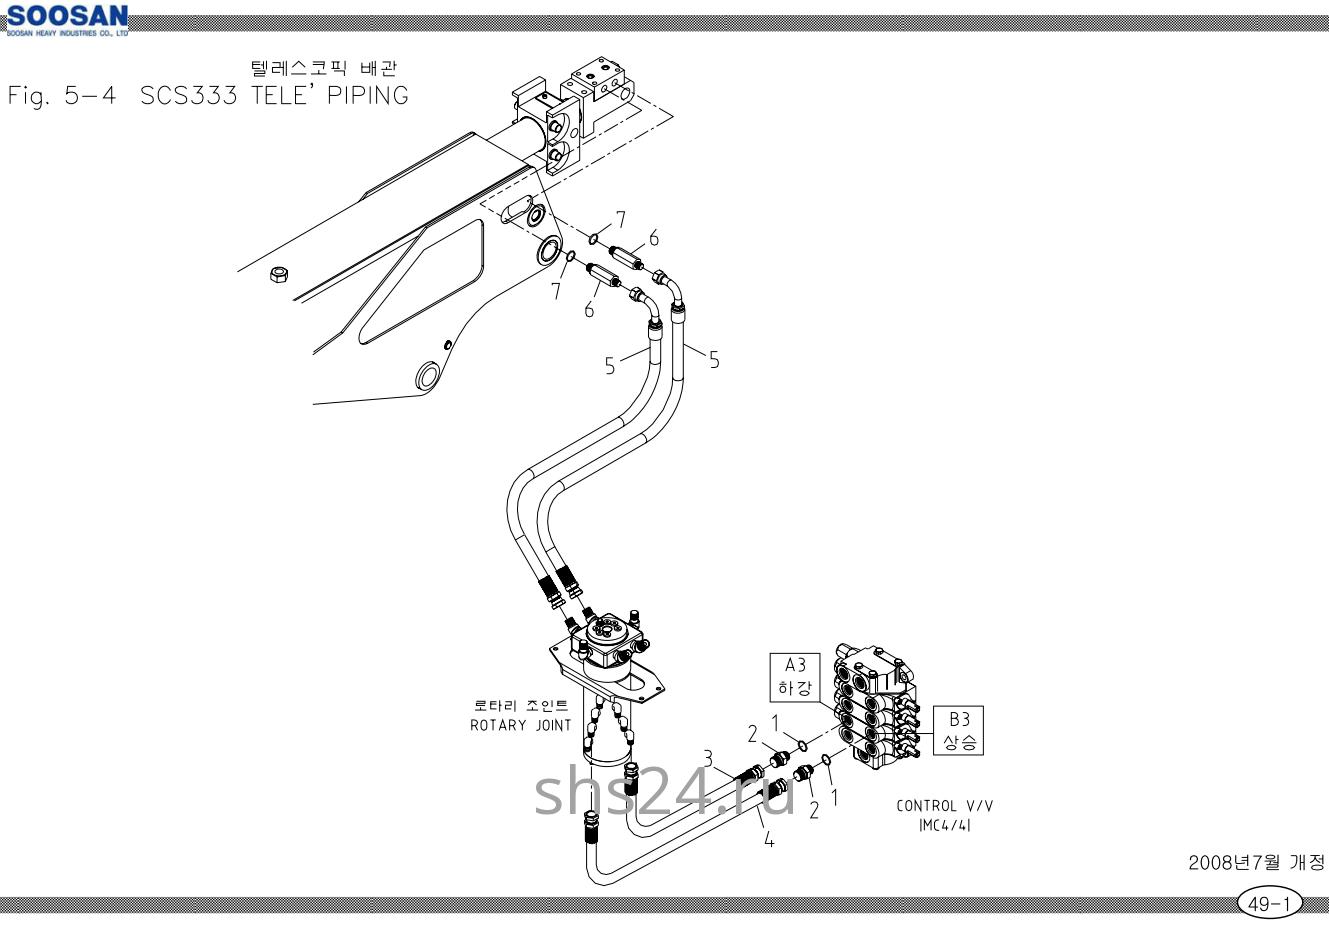 Схема подключения гидроцилиндра выдвижения Soosan scs333,334,335